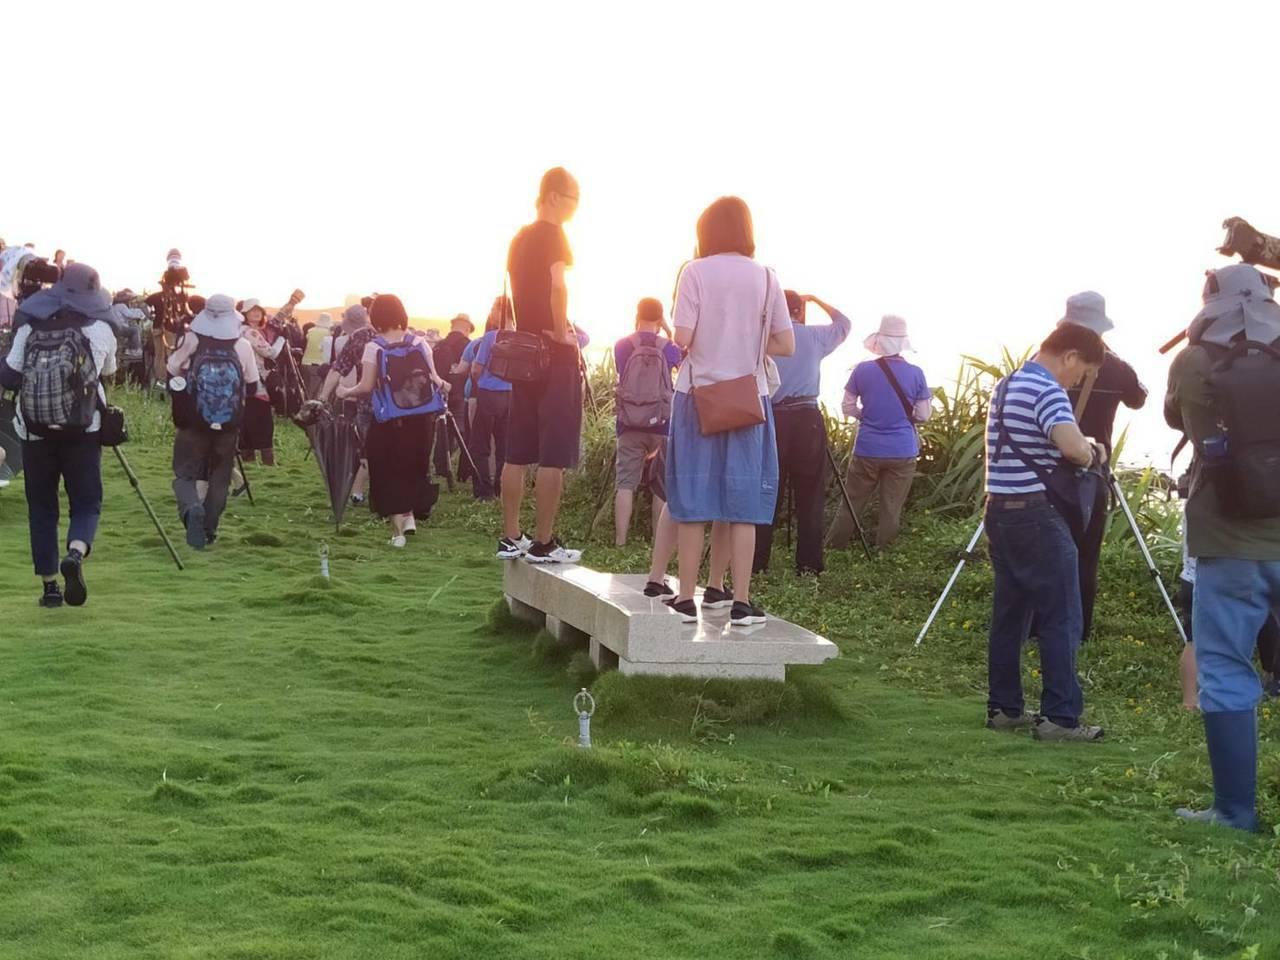 石門區公所也表示,除了燈塔懸日,附近還有不少觀光景點可連結,這次讓大家看到富貴角...